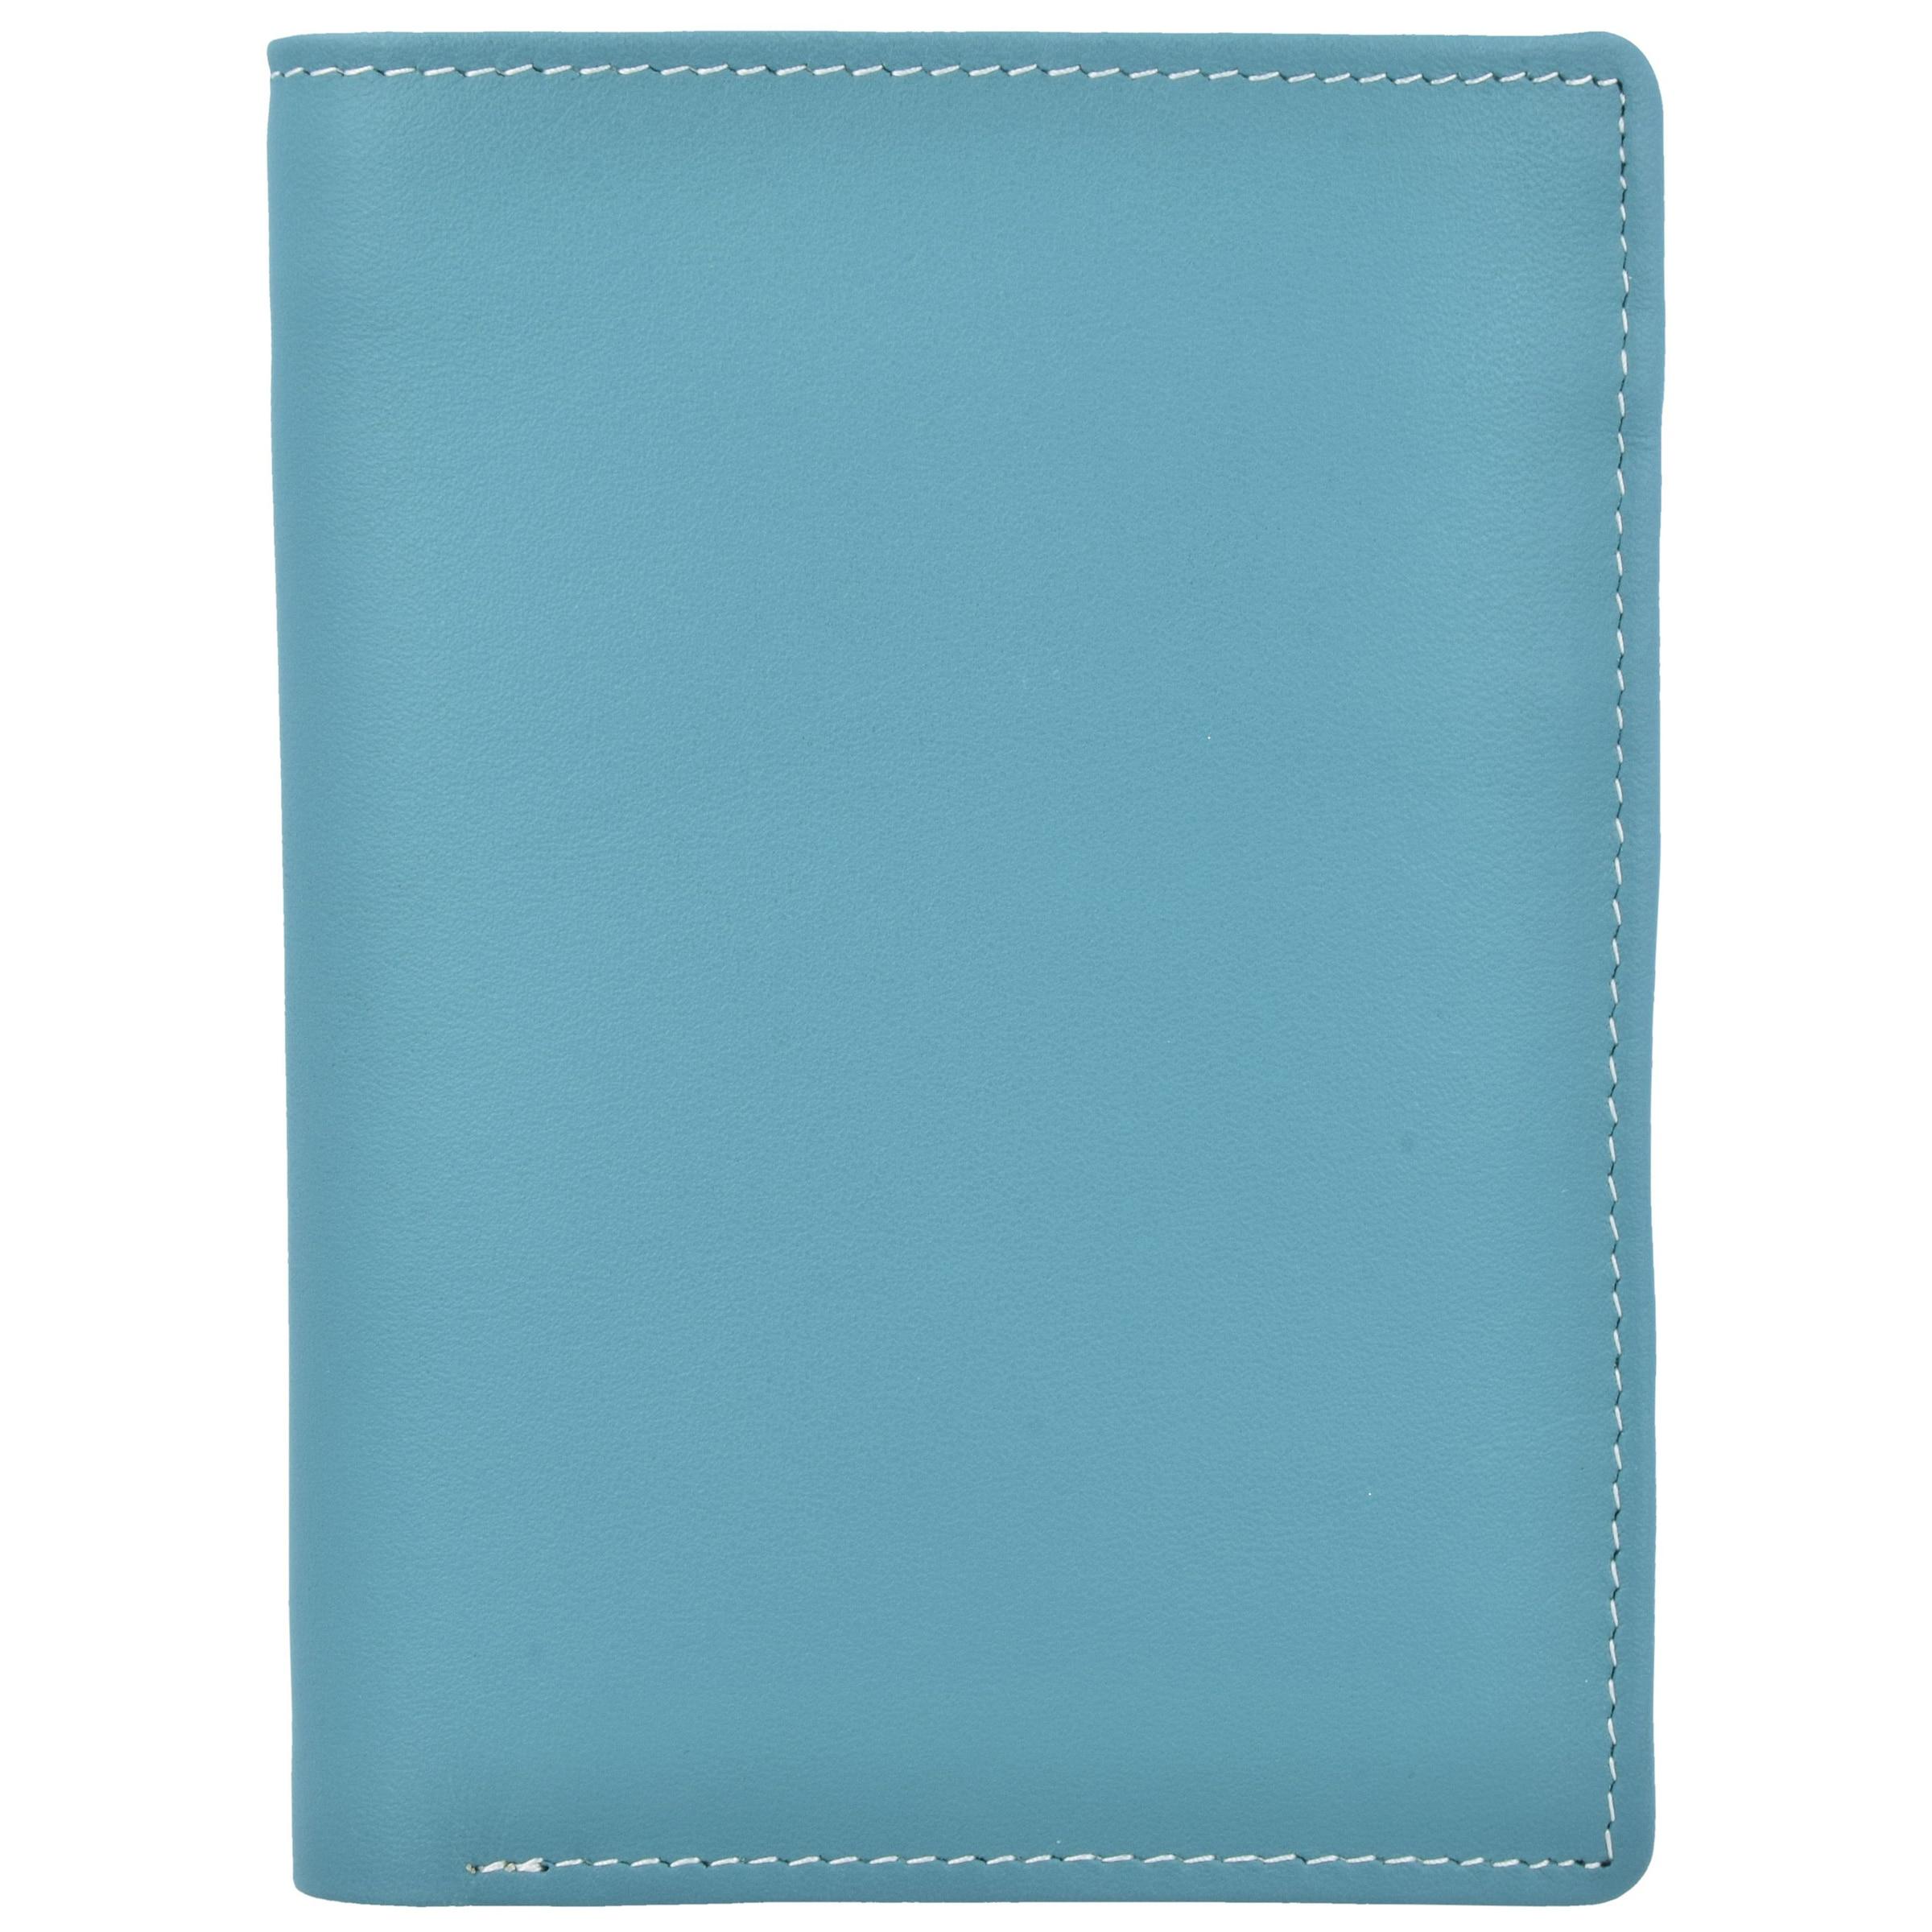 TurquoiseBleu Clair En Mywalit Menthe Jaune 'continental' Pastel Porte monnaies Gris O0wP8nk